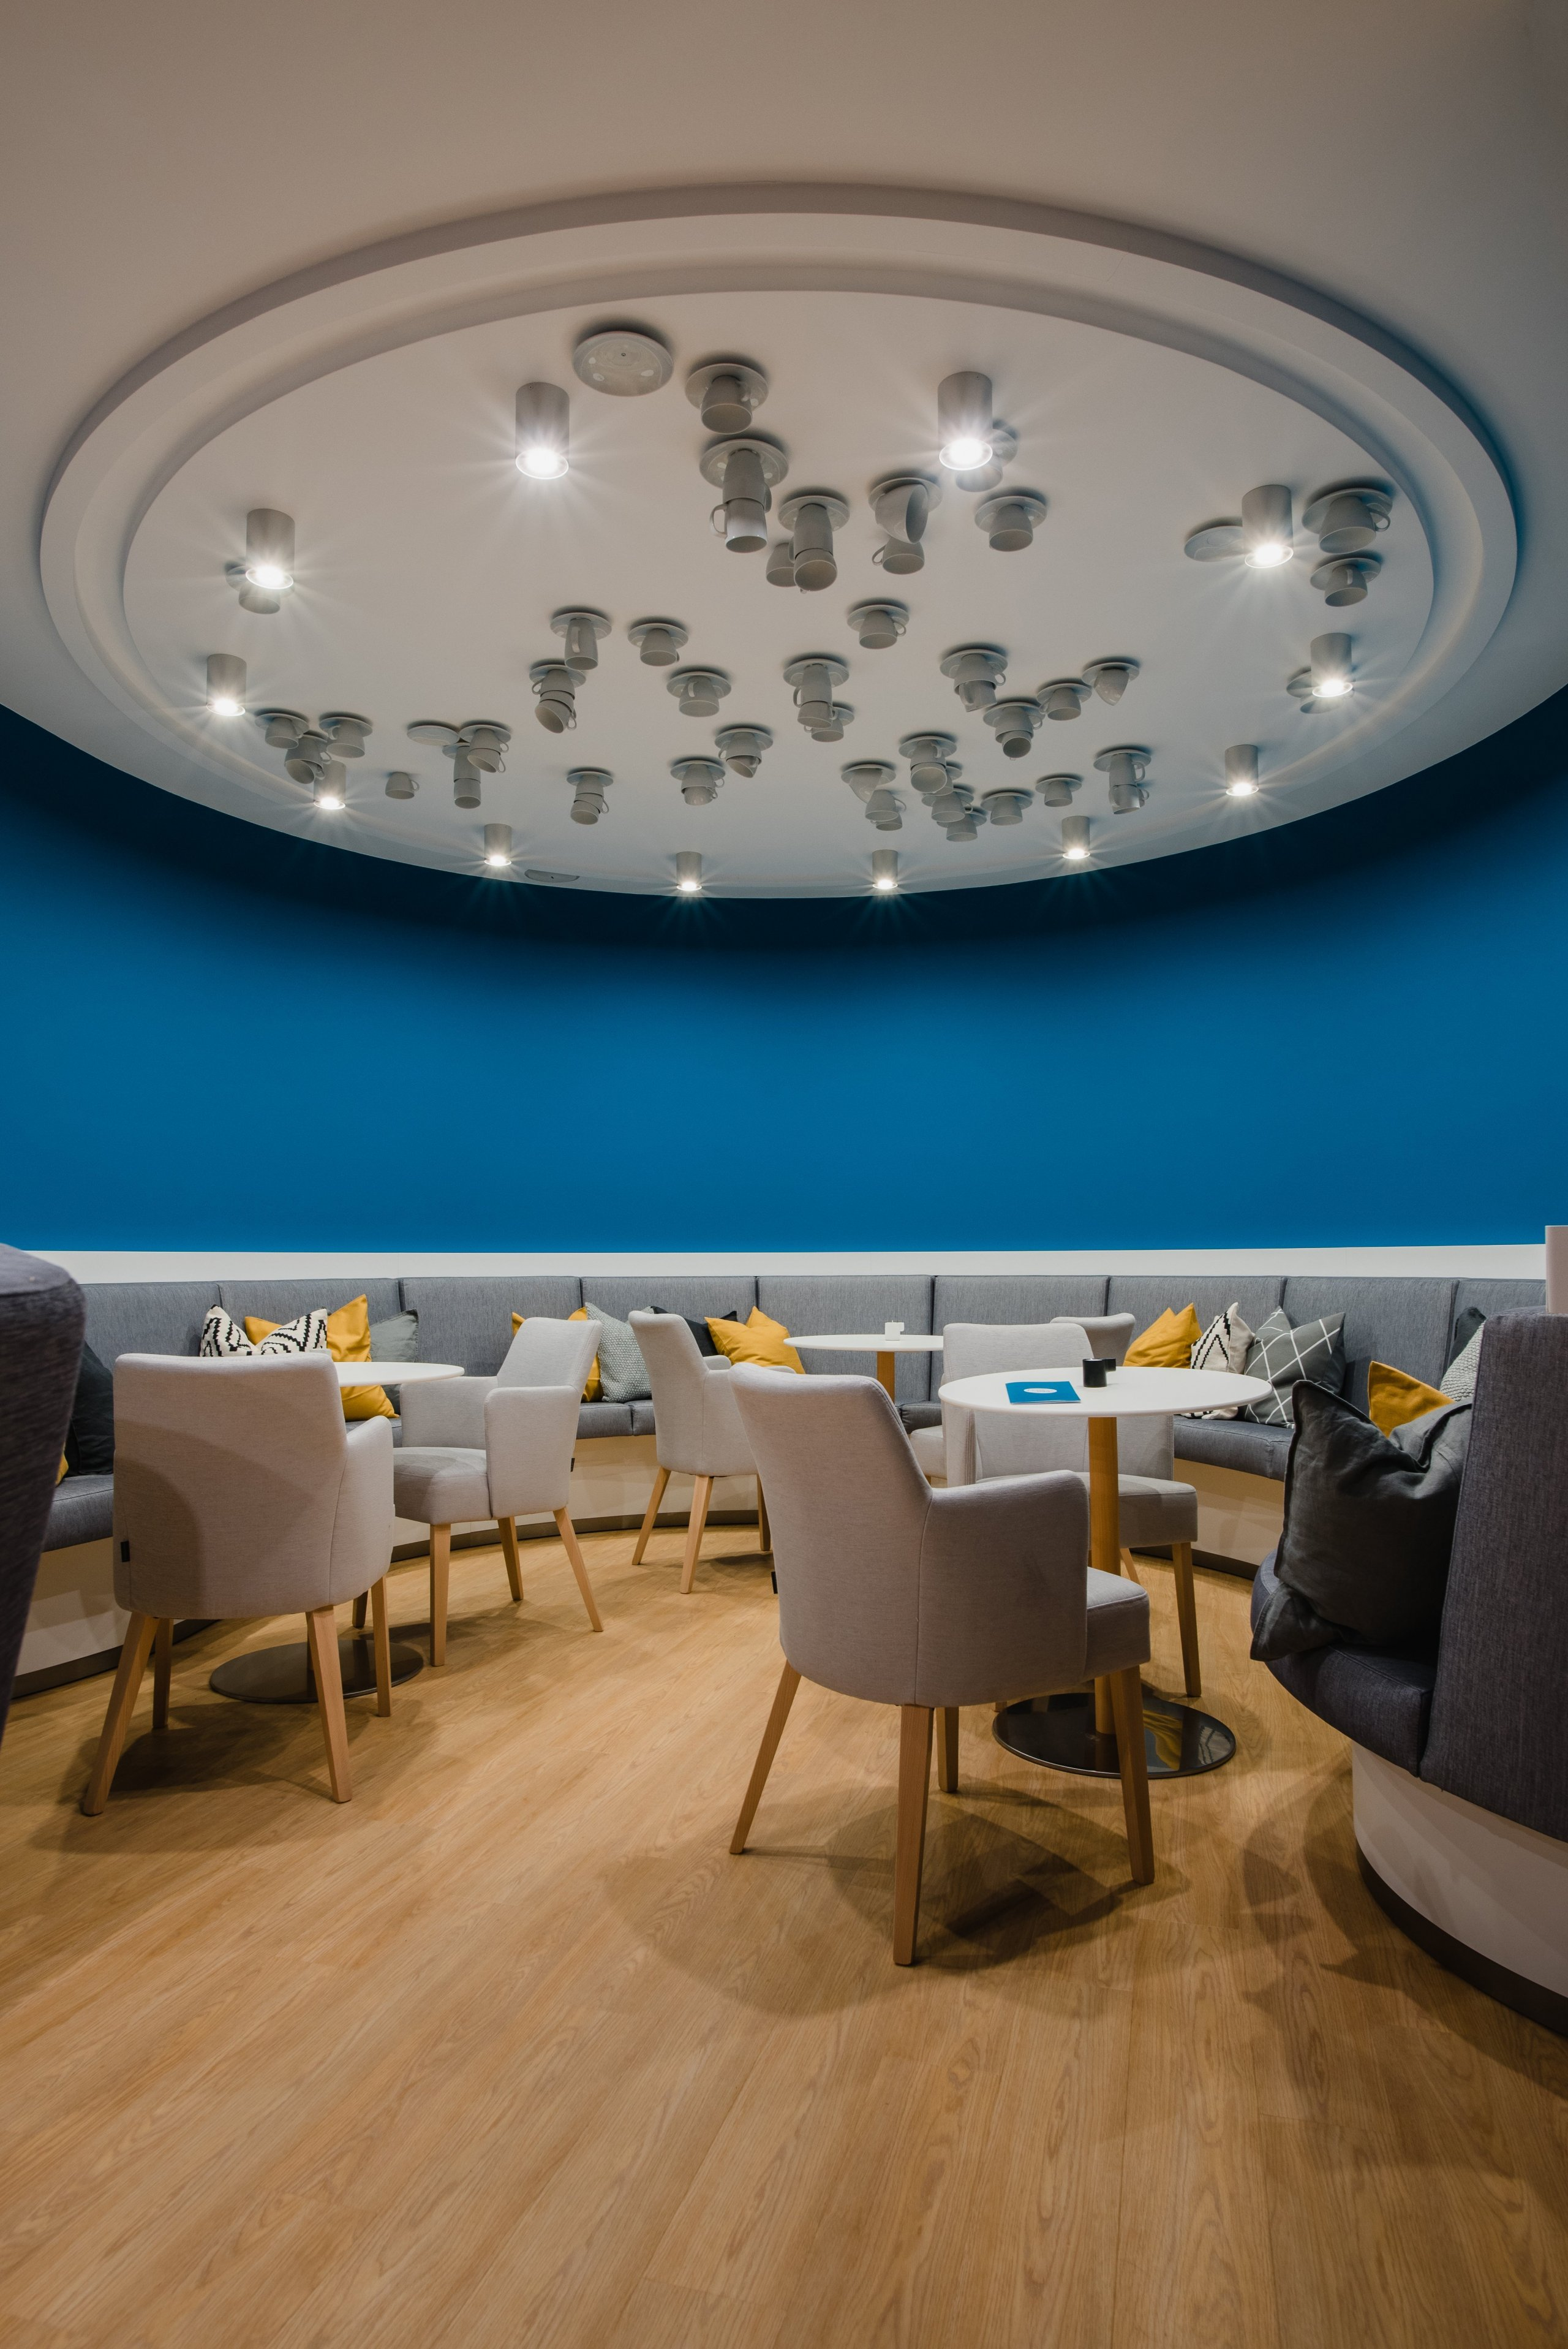 Cieľom bolo vytvoriť jedinečný aoriginálny interiér kaviarne vškandinávskom štýle podľa požiadaviek investorov spoužitím modrej petrolejovej…